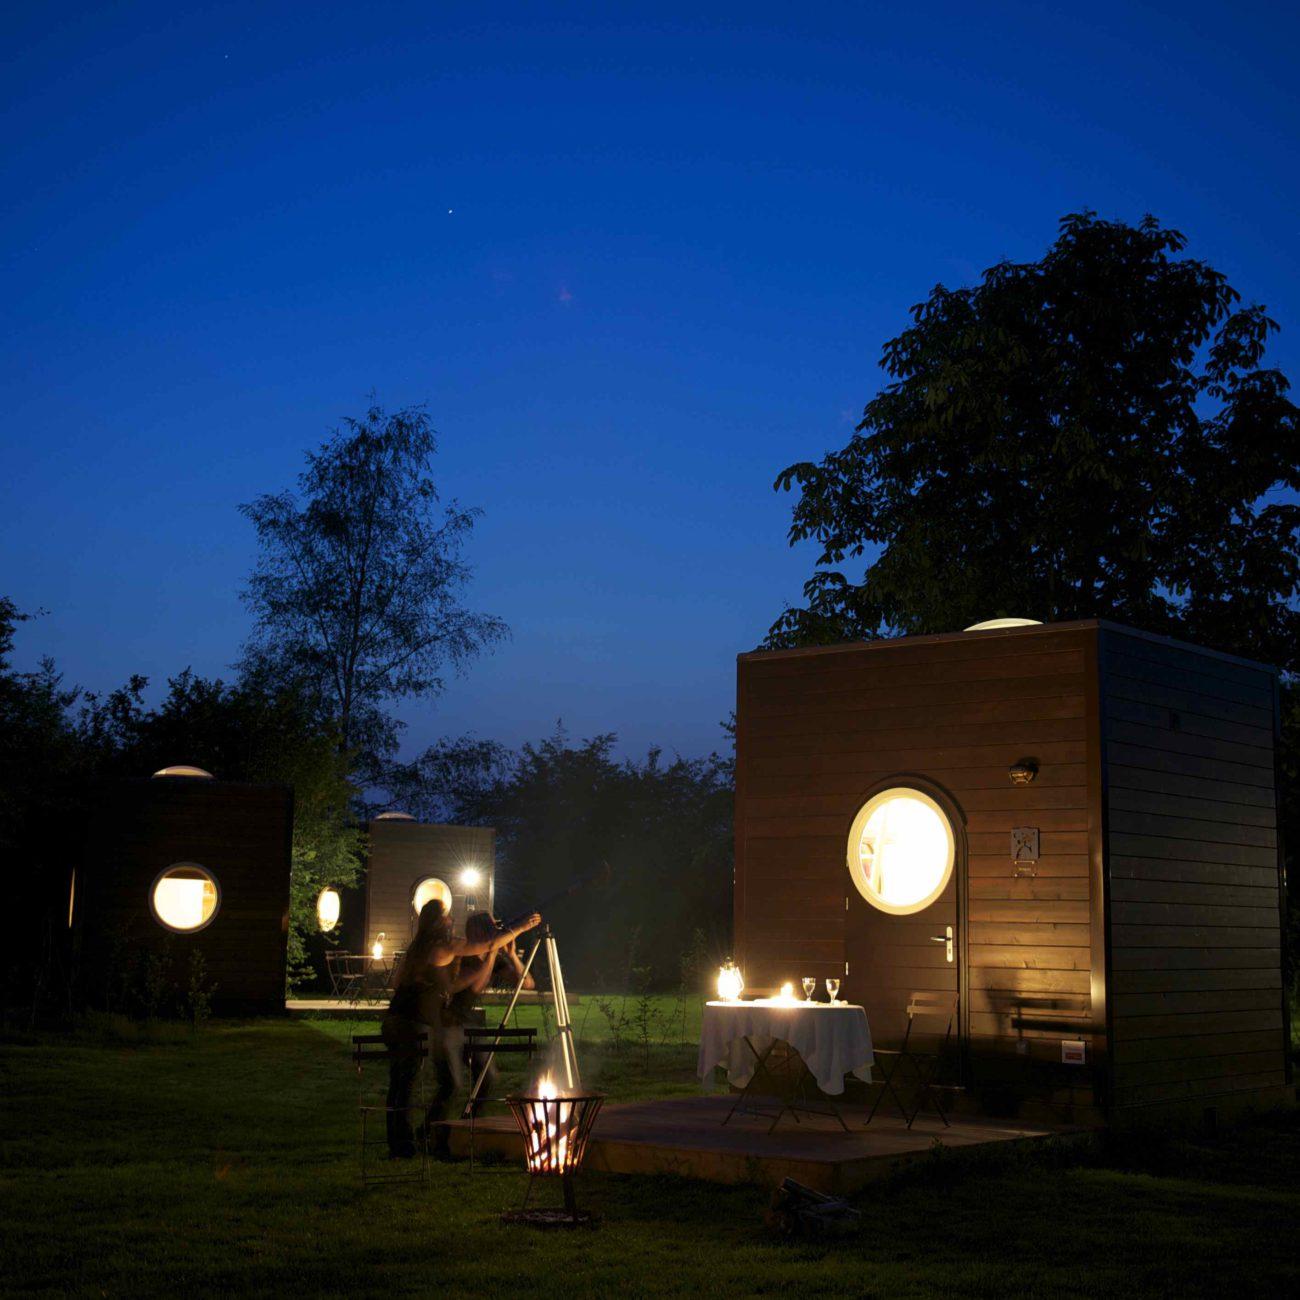 Ultiem adres voor een romantische vakantie: Sterrenkubus. Sterren kijken bij avond en een kampvuur